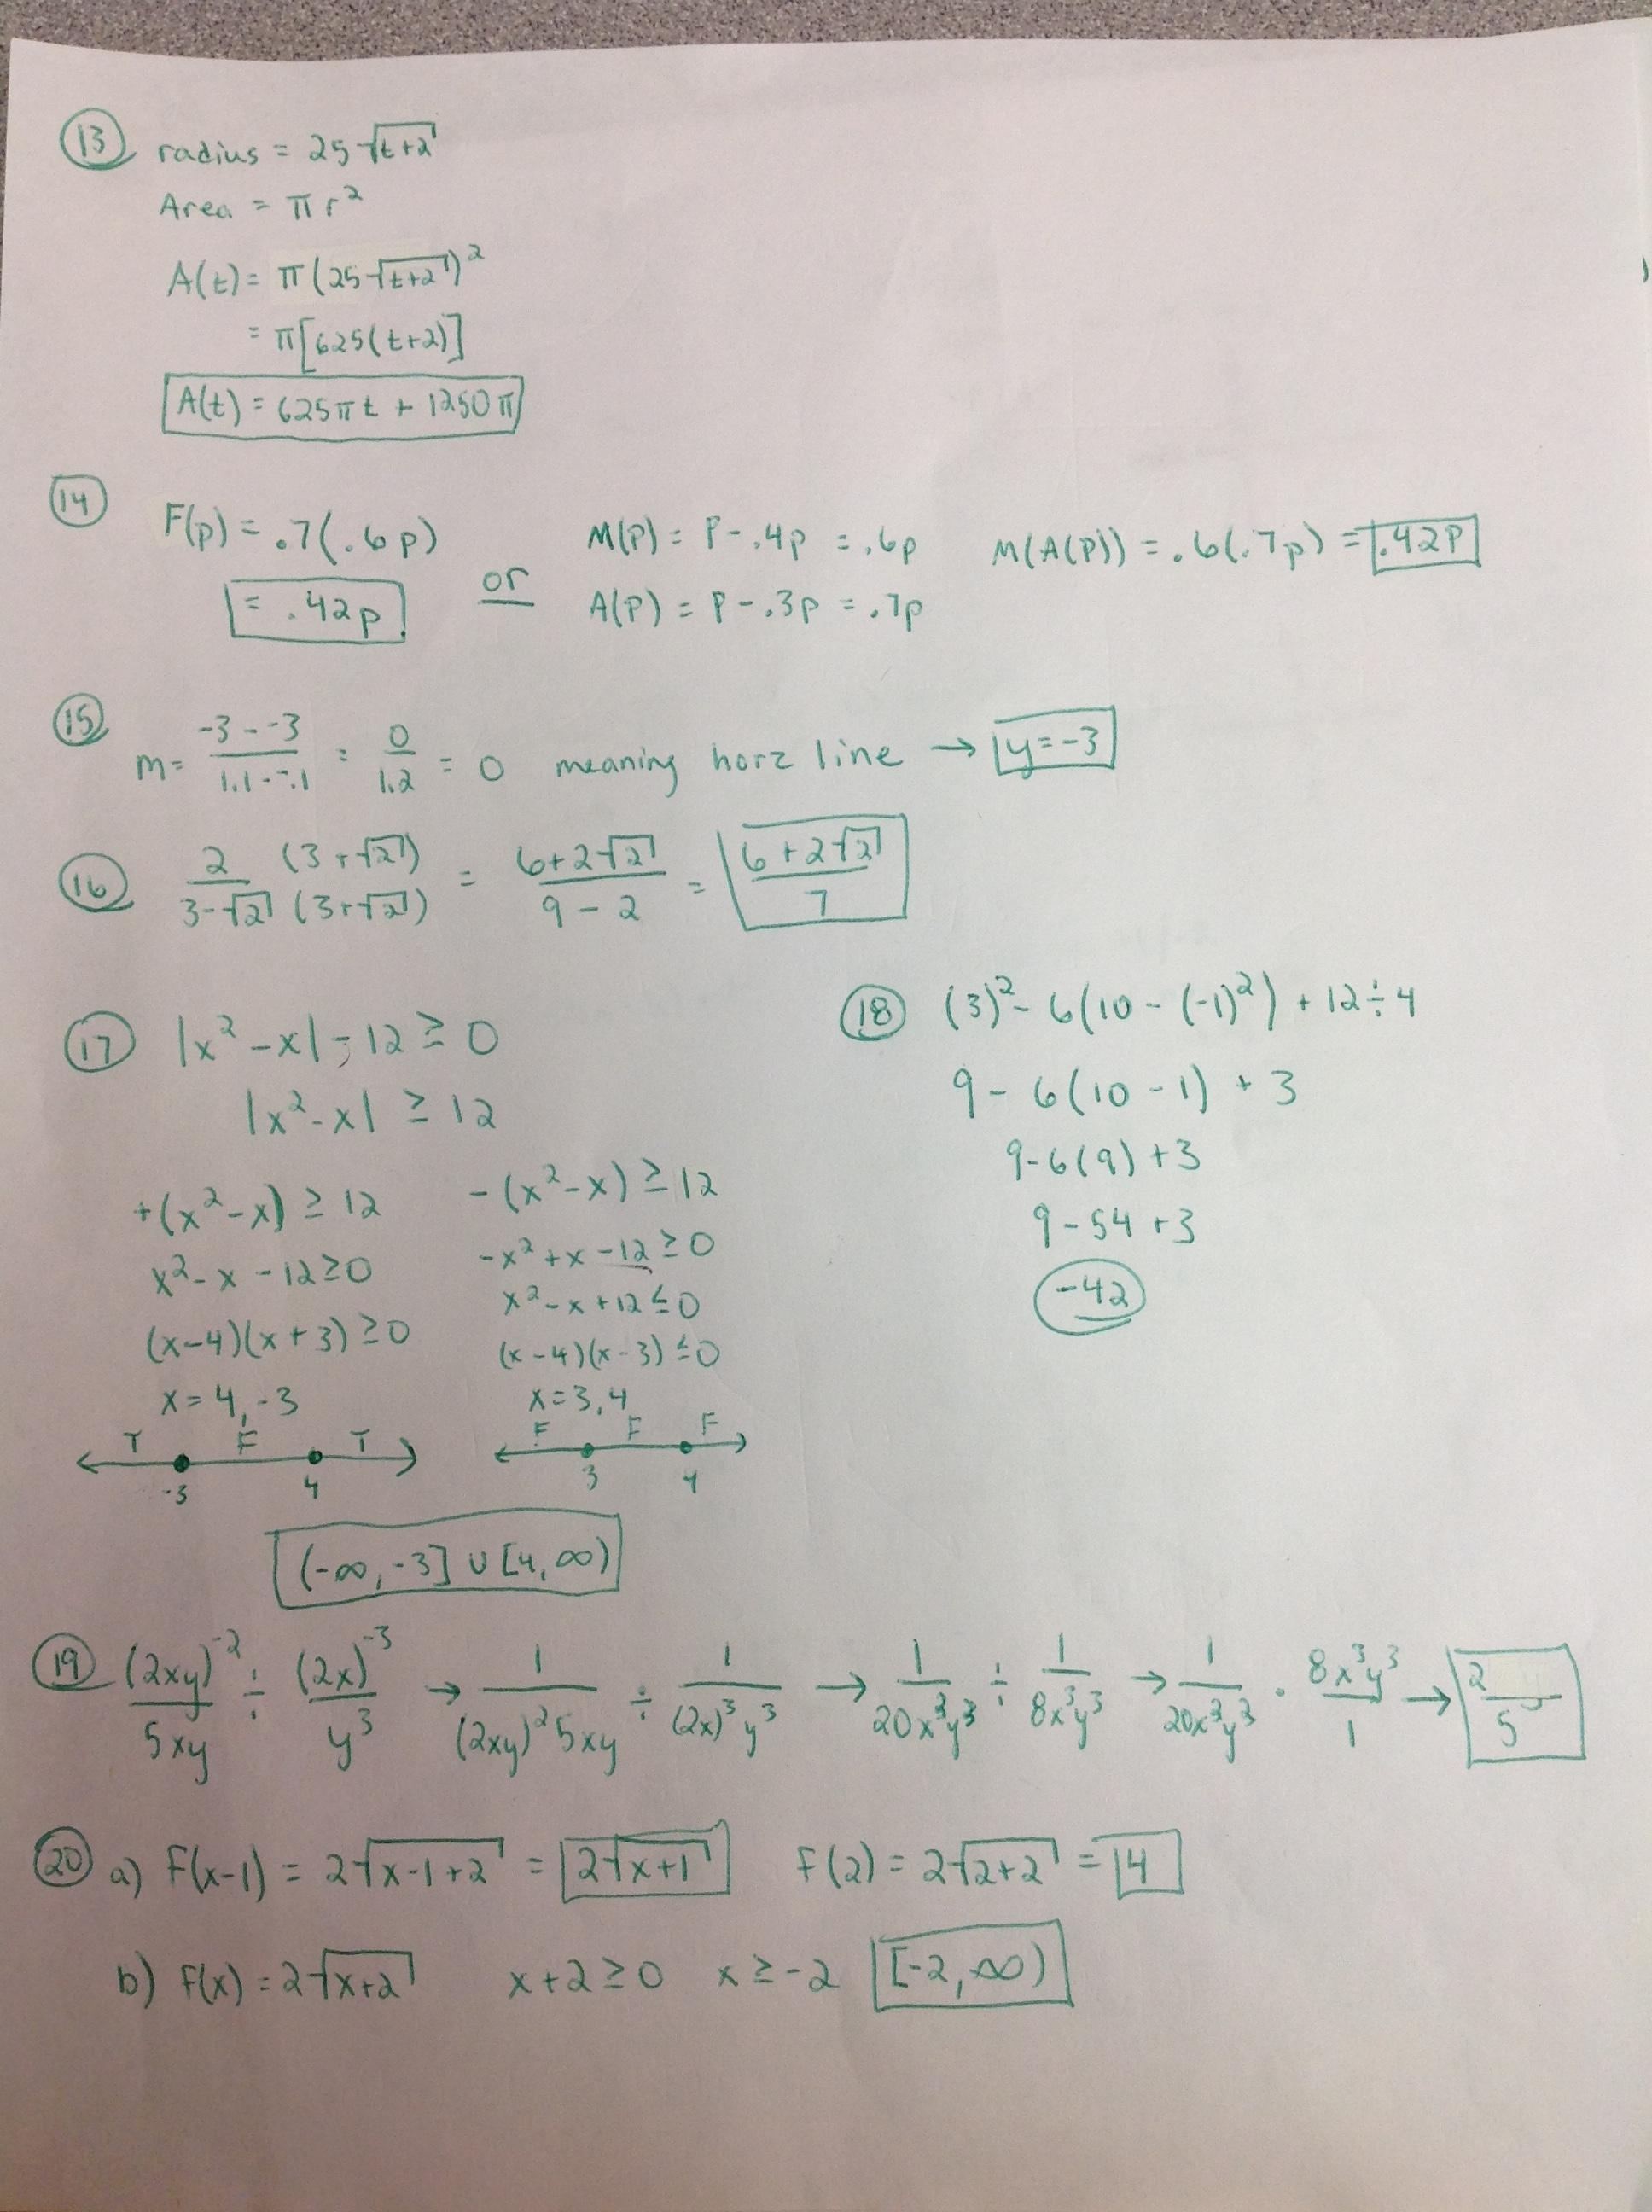 College Algebra THSCollegeAlgebra – College Algebra Worksheets